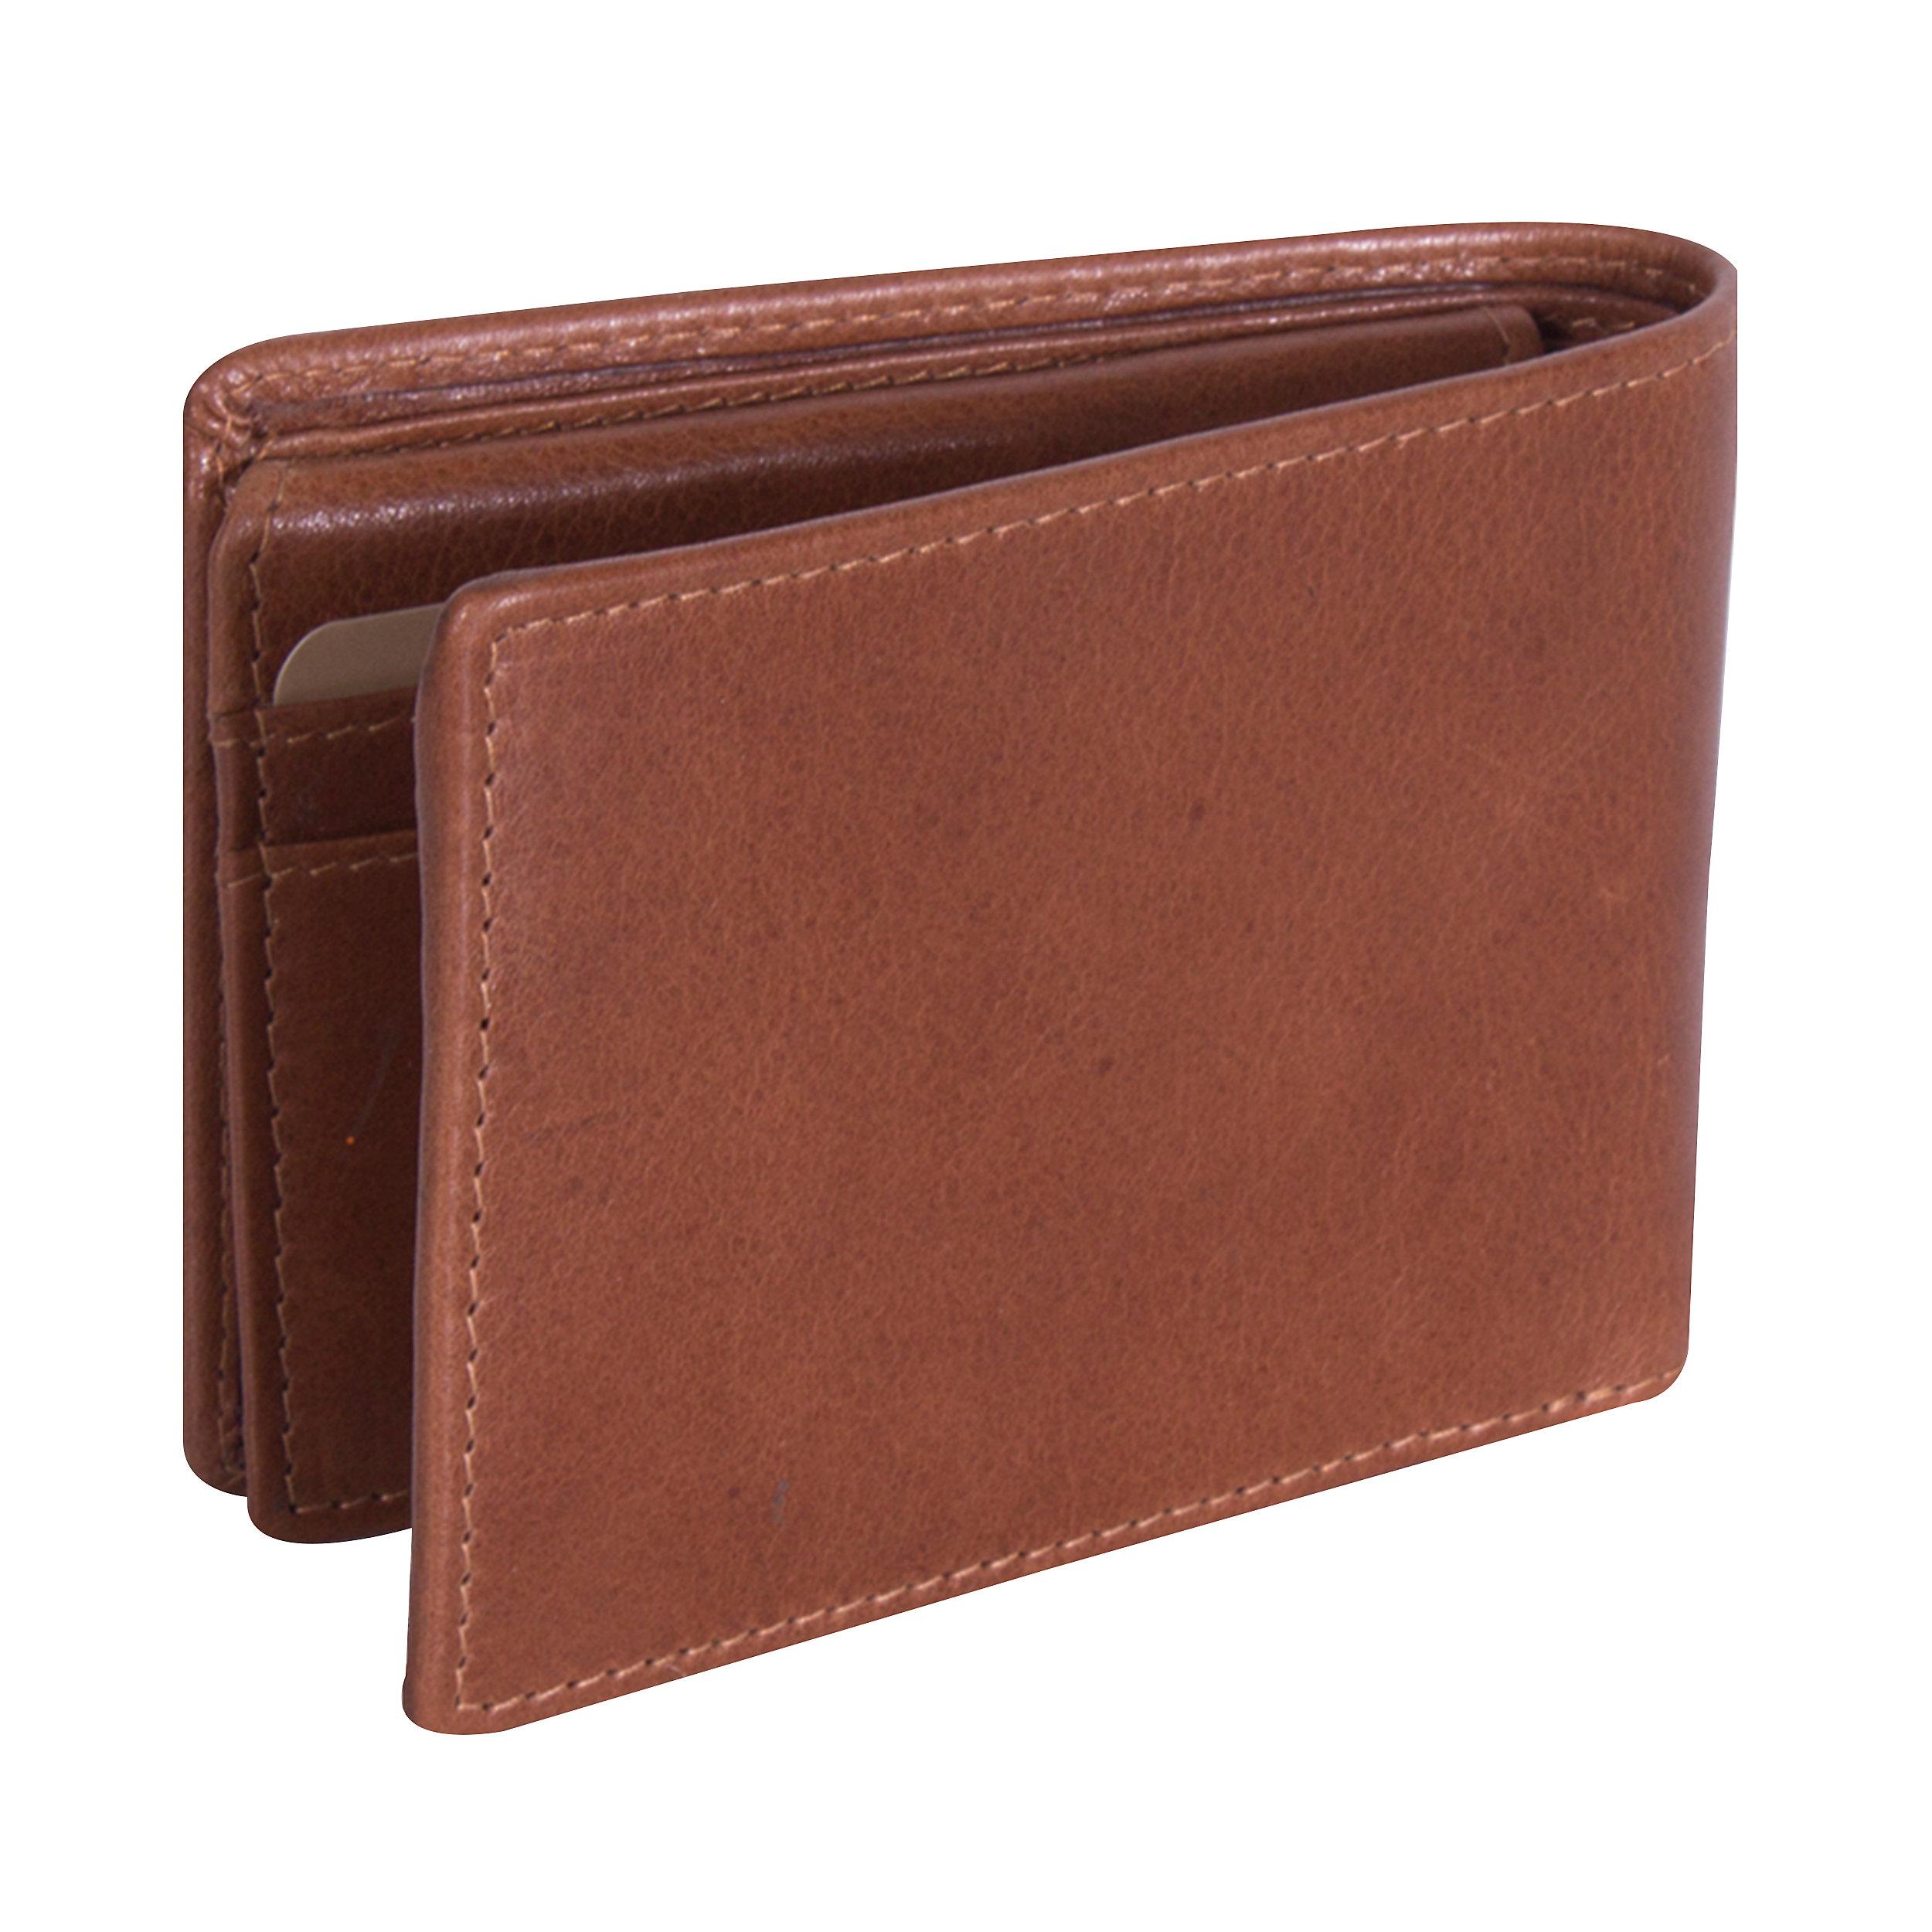 Scheintasche Martin quer 4KK RFID Odean Leather Collection M